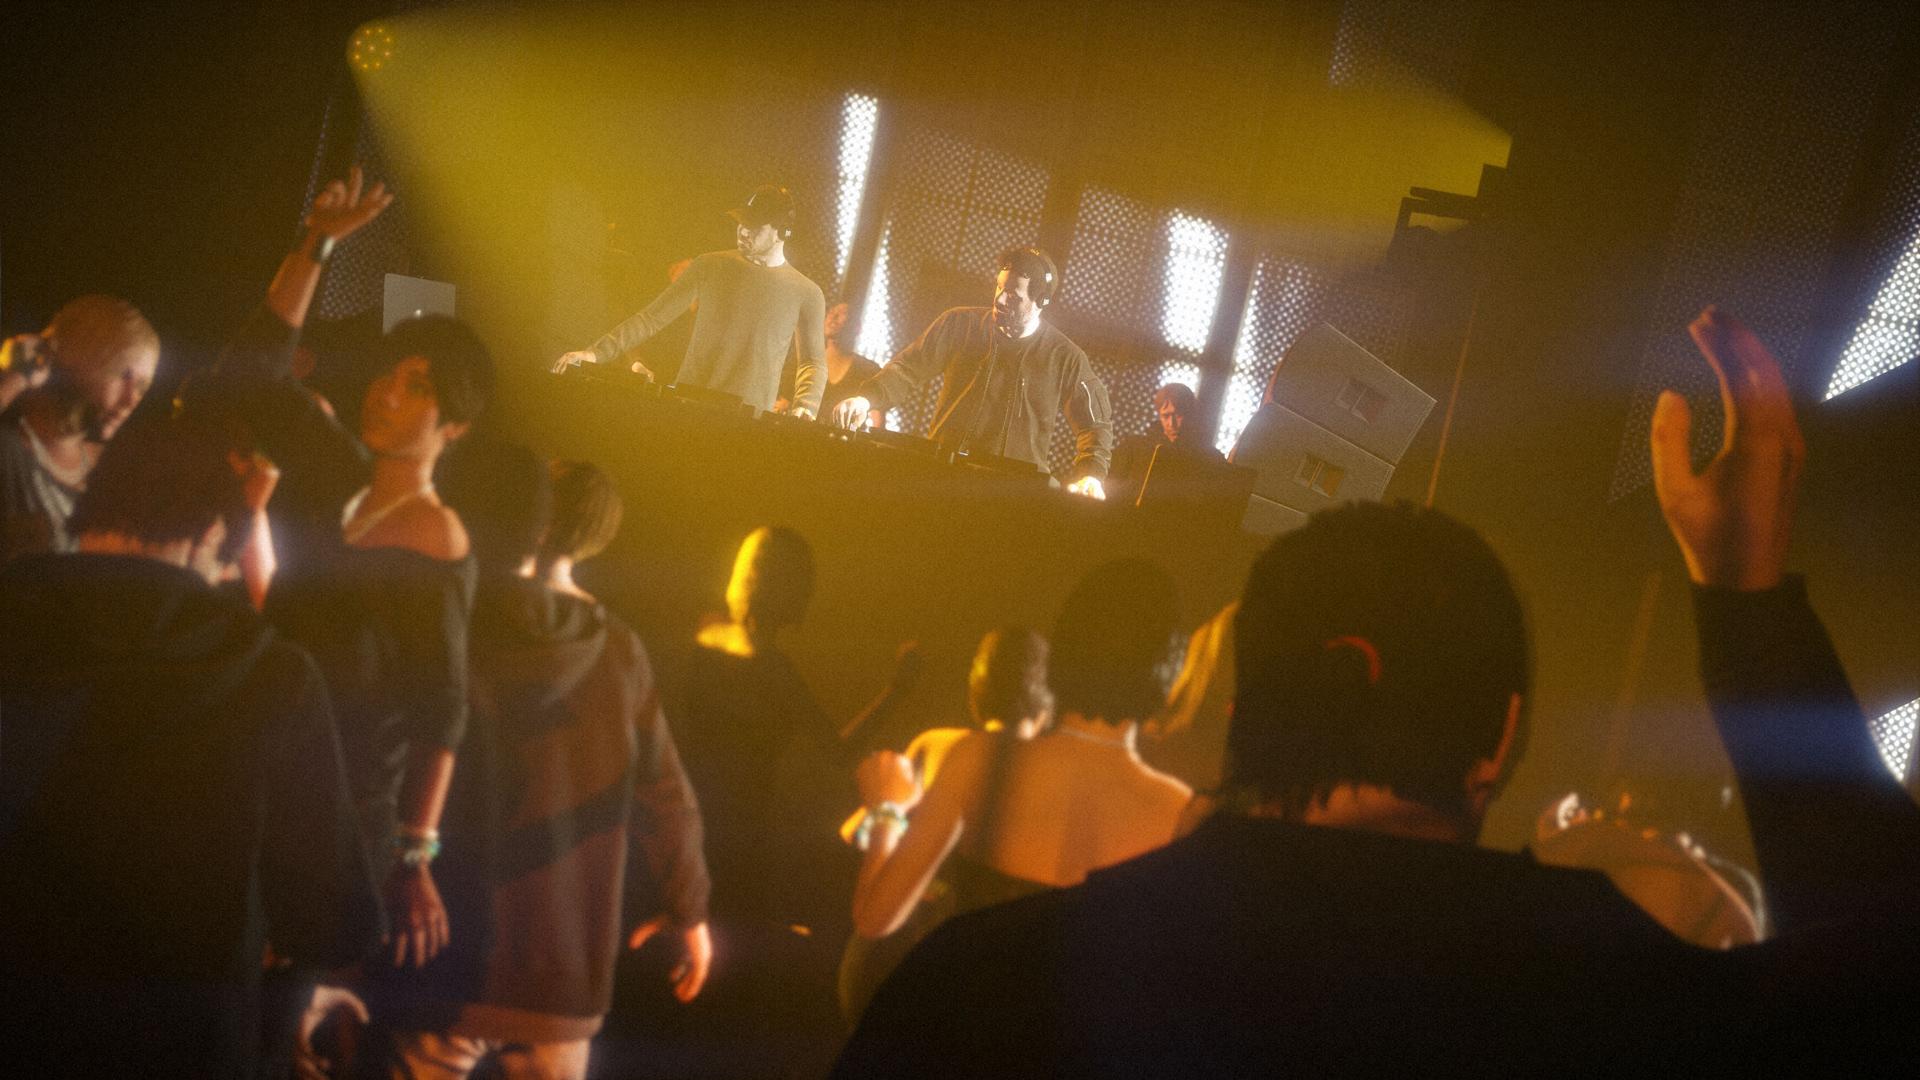 Ночной клуб сайт на карте вакансии администратора в ночные клубы в москве